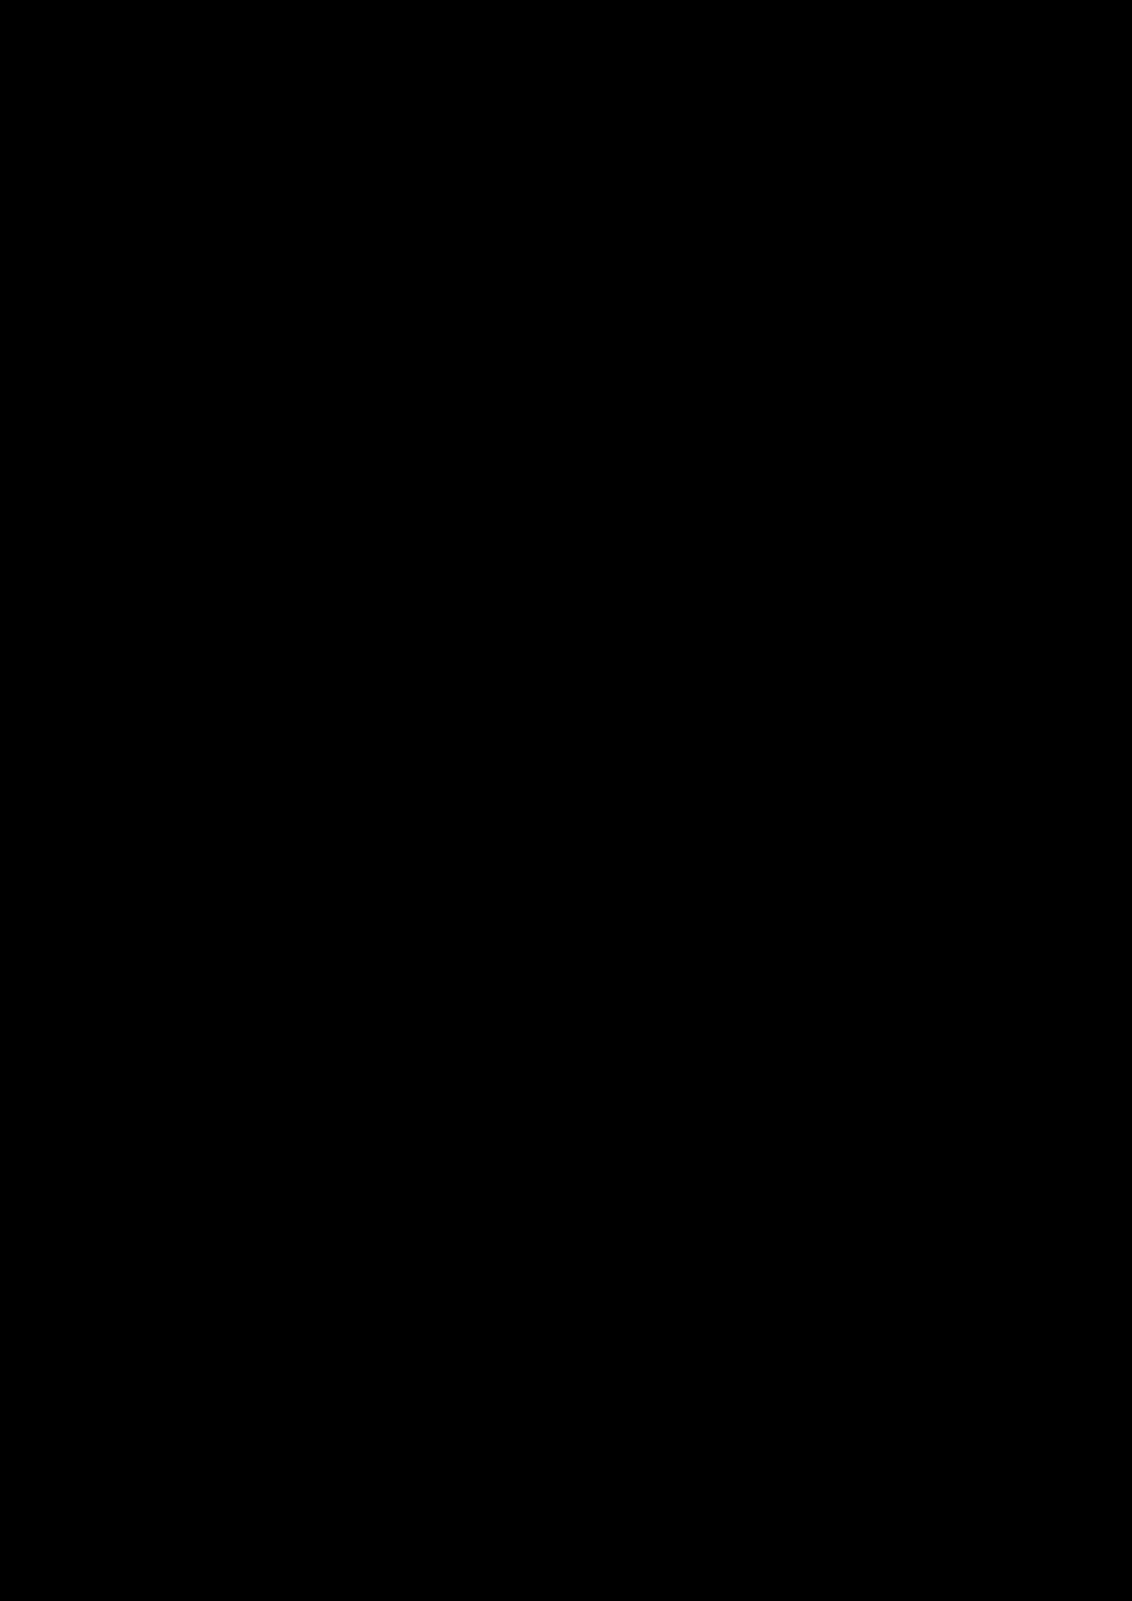 Proschanie s volshebnoy stranoy slide, Image 10